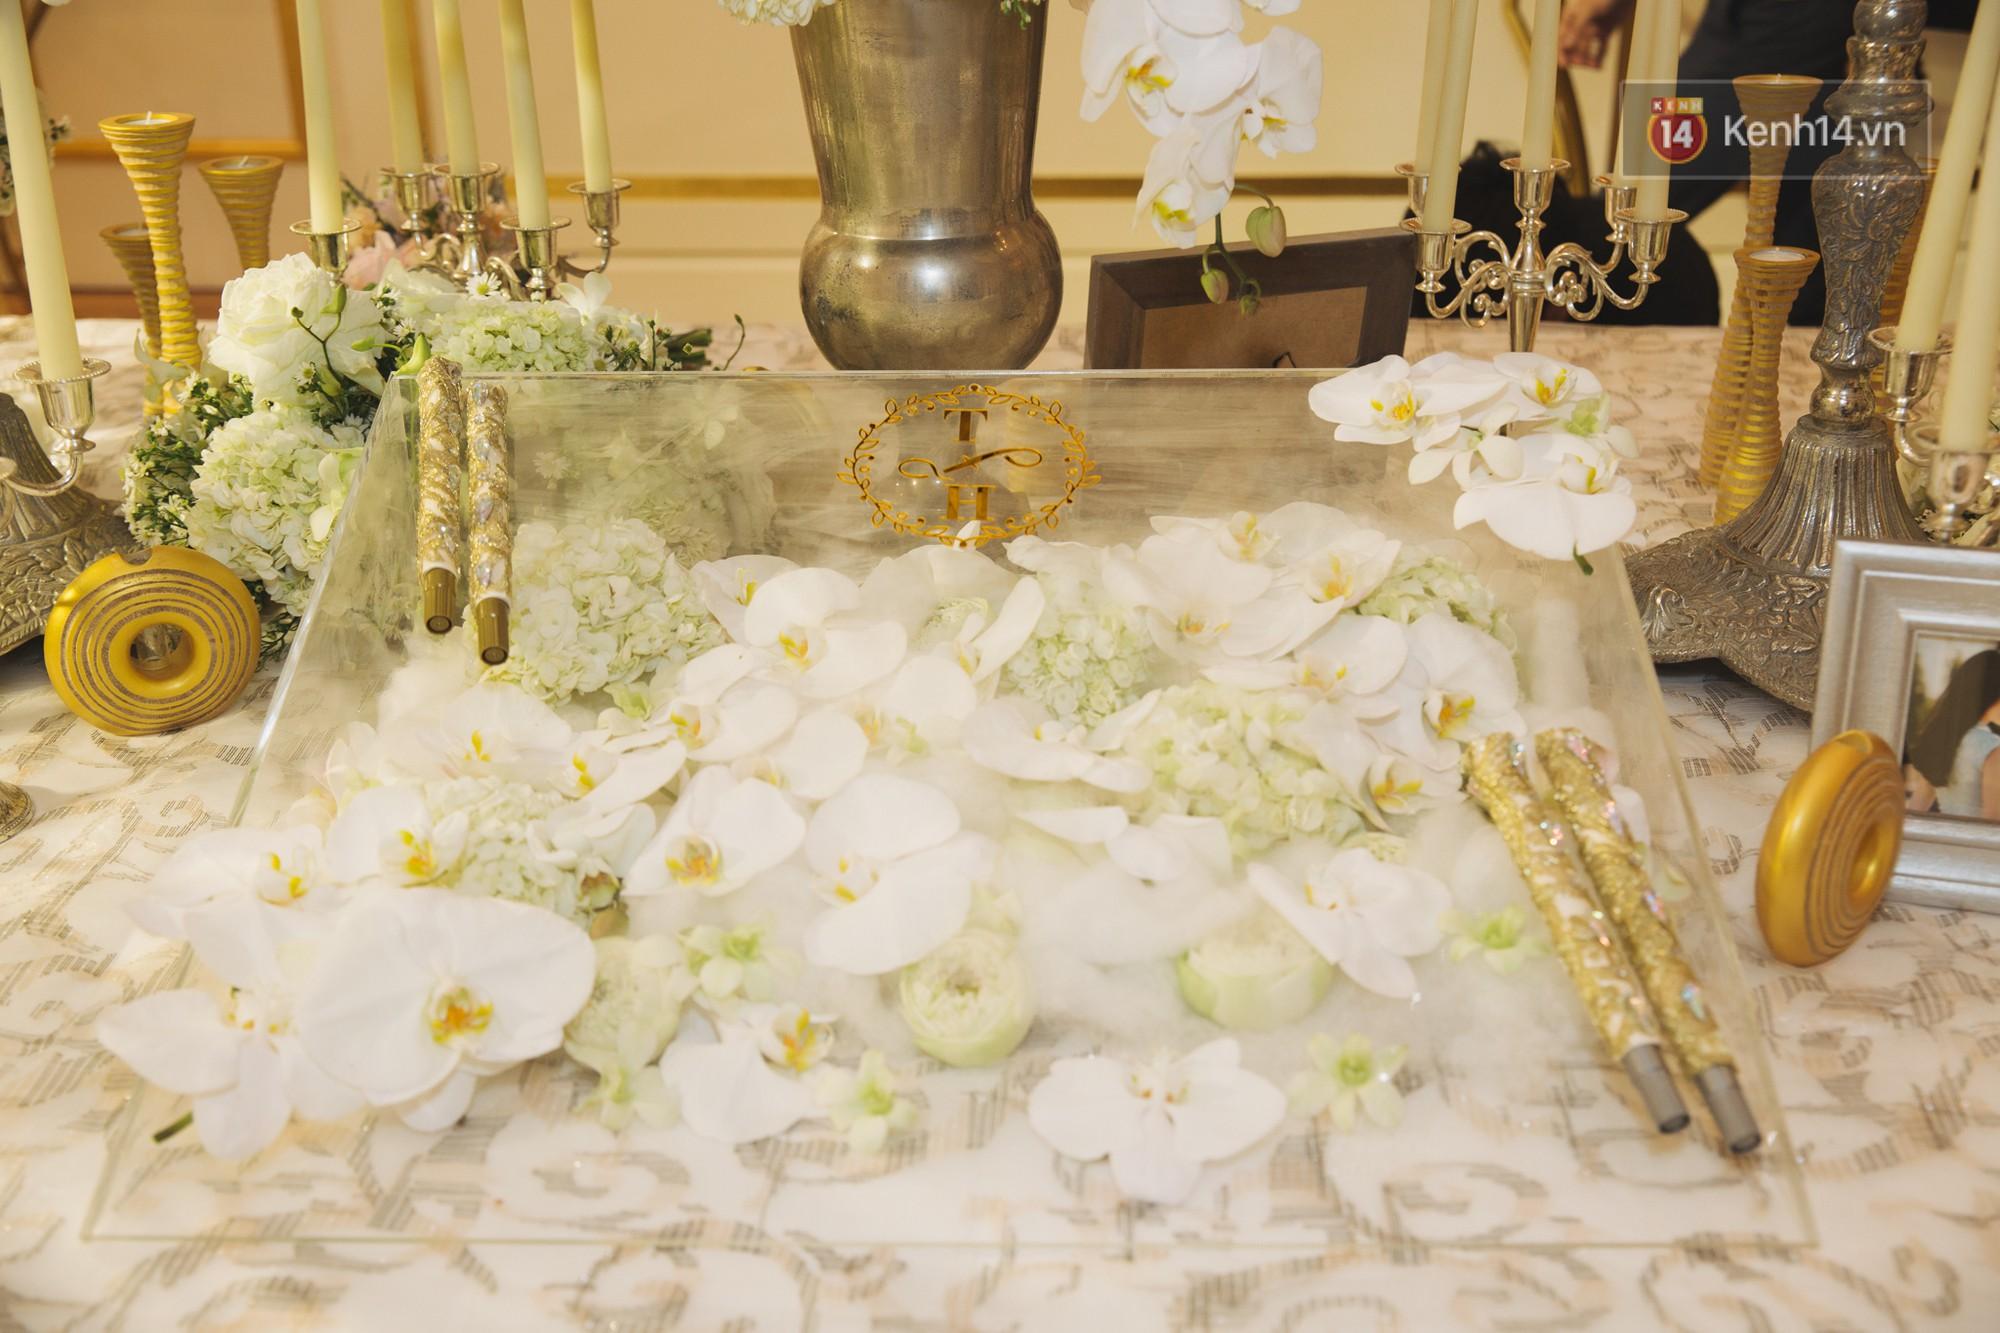 Dù rất hồi hộp, Lê Hiếu vẫn kịp nhắn đến bà xã lời hứa ngọt ngào trong đám cưới-12